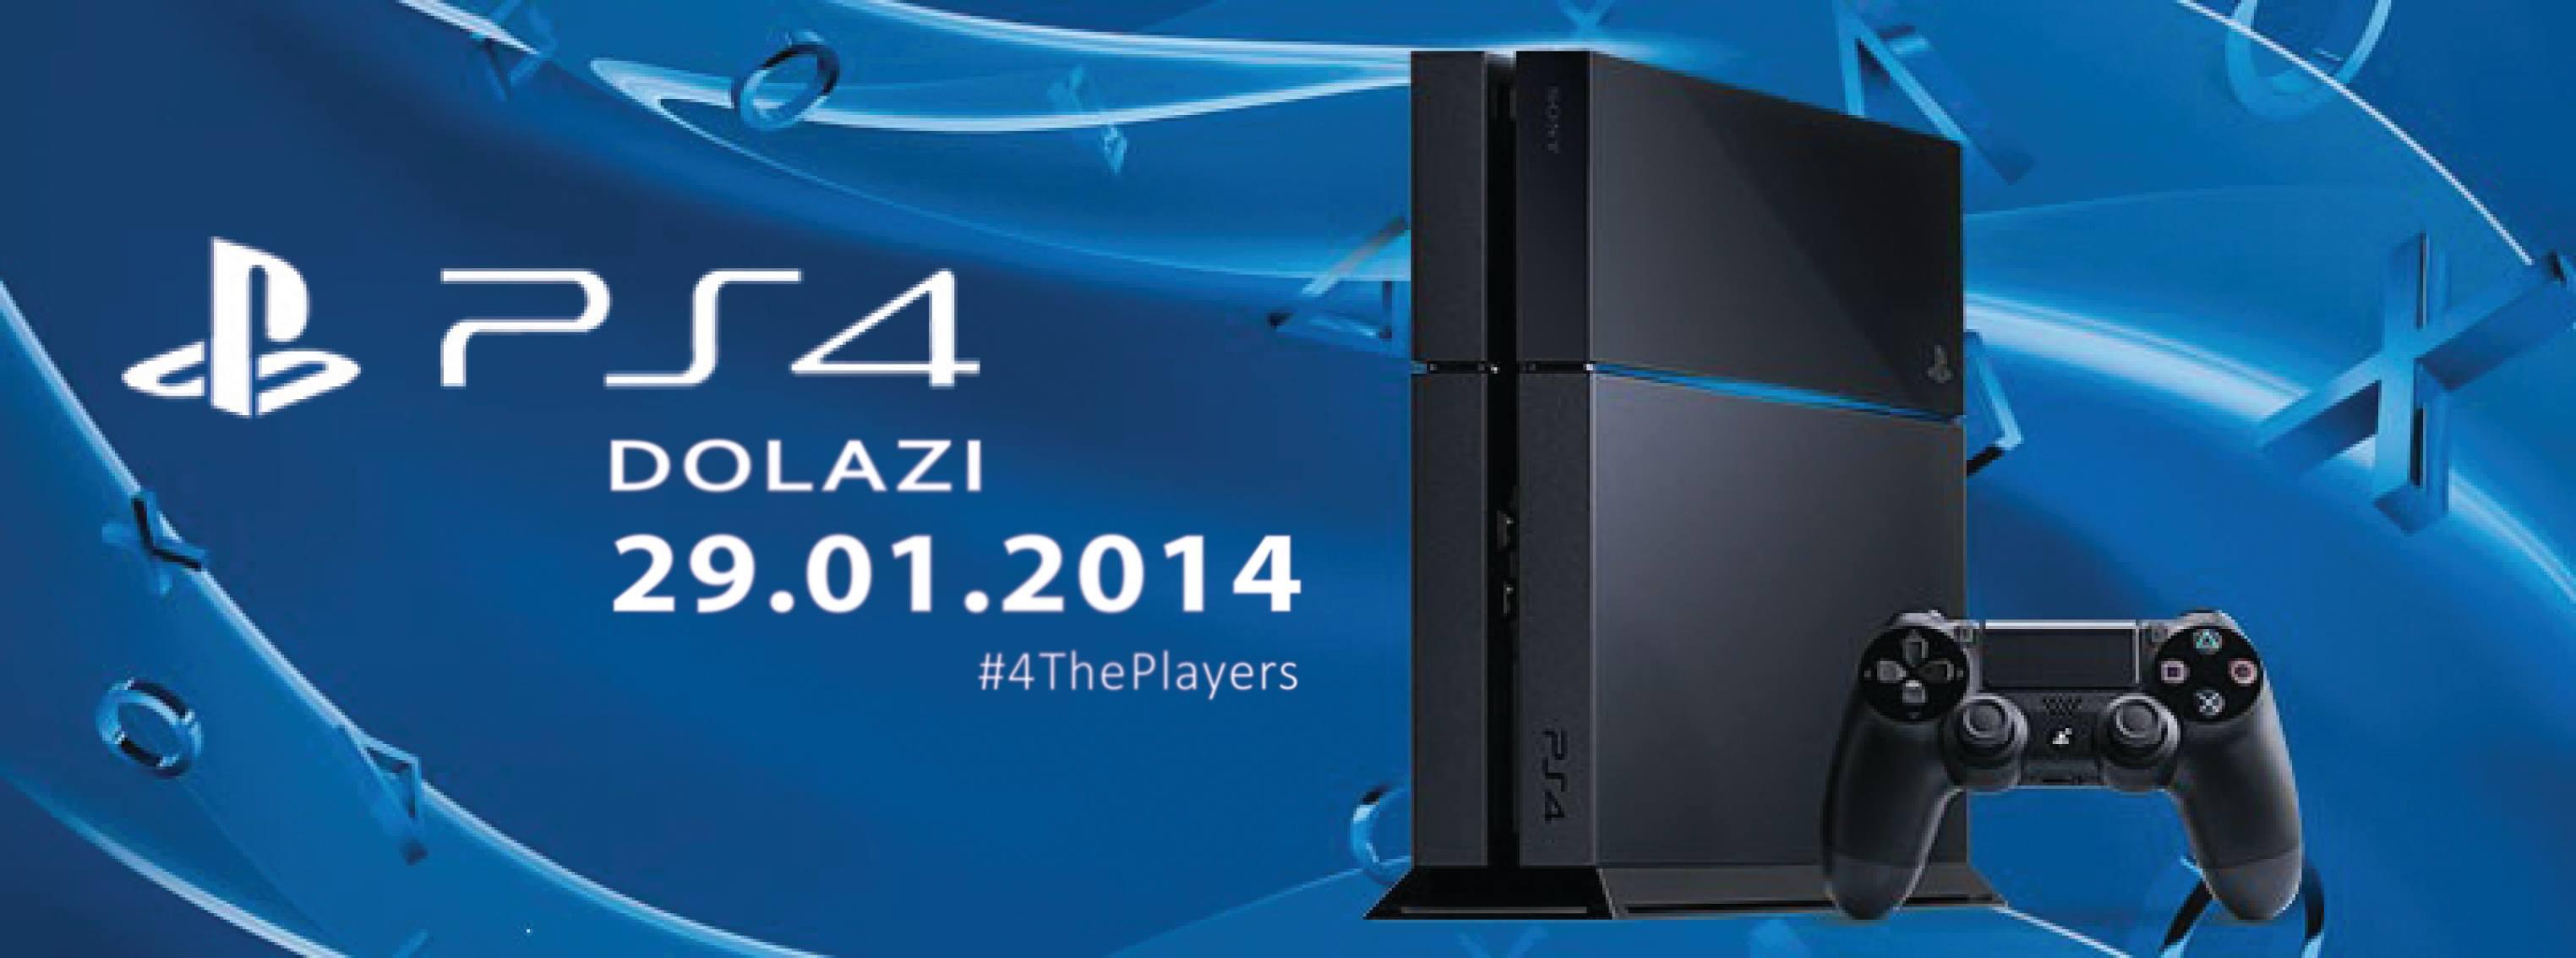 PS4 naslovna